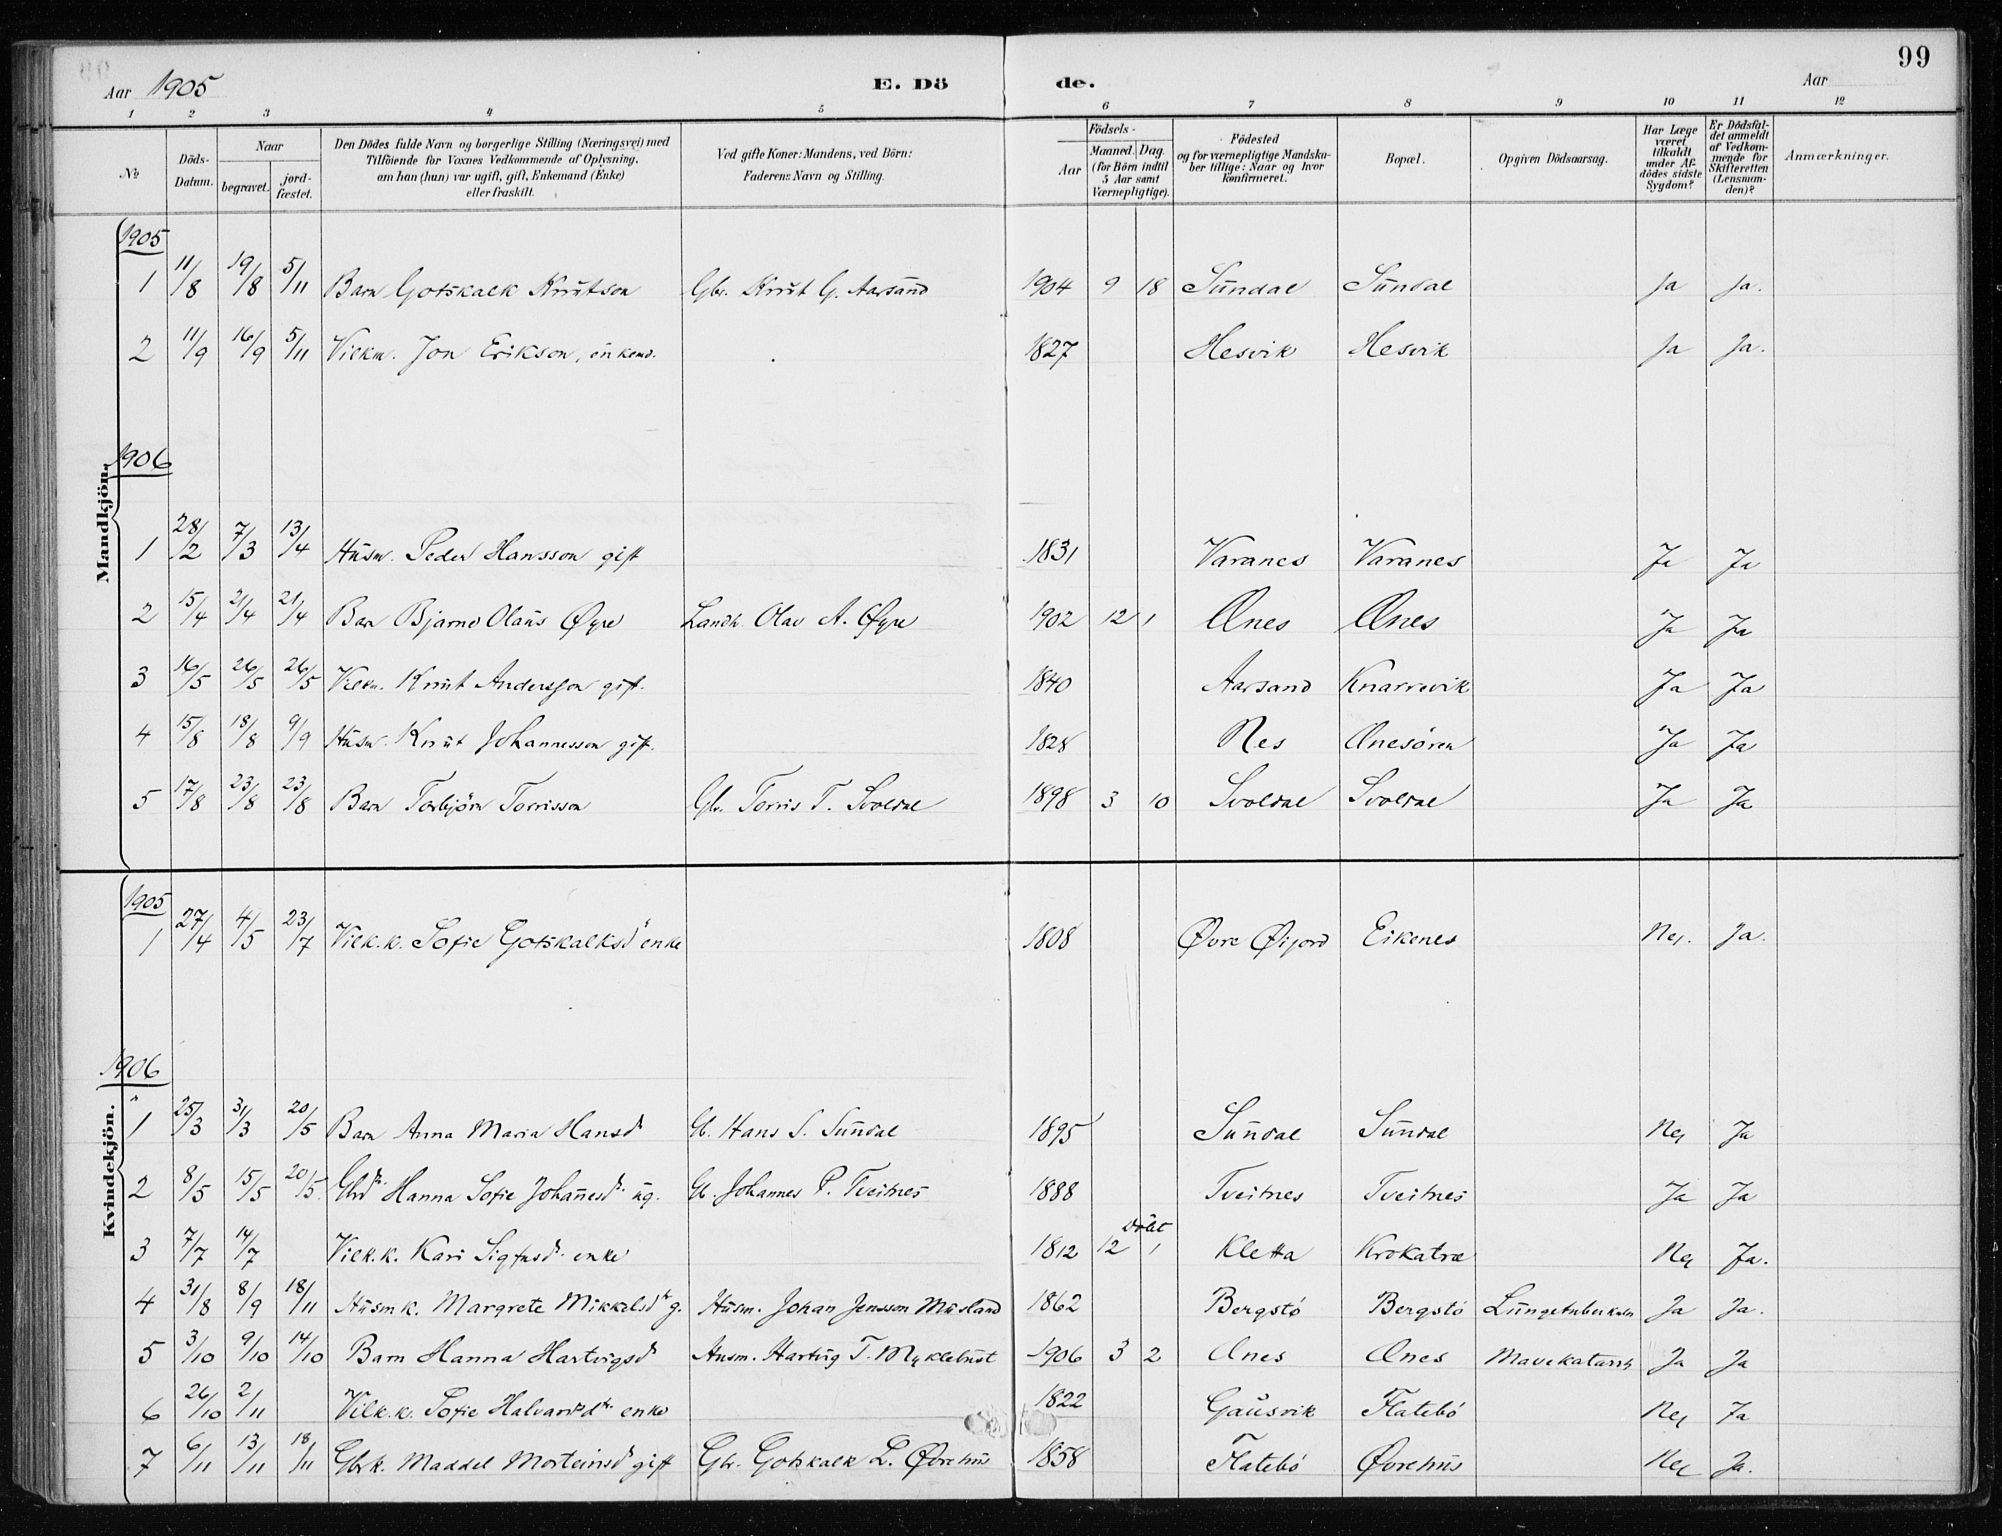 SAB, Kvinnherad Sokneprestembete, H/Haa: Ministerialbok nr. F 1, 1887-1912, s. 99